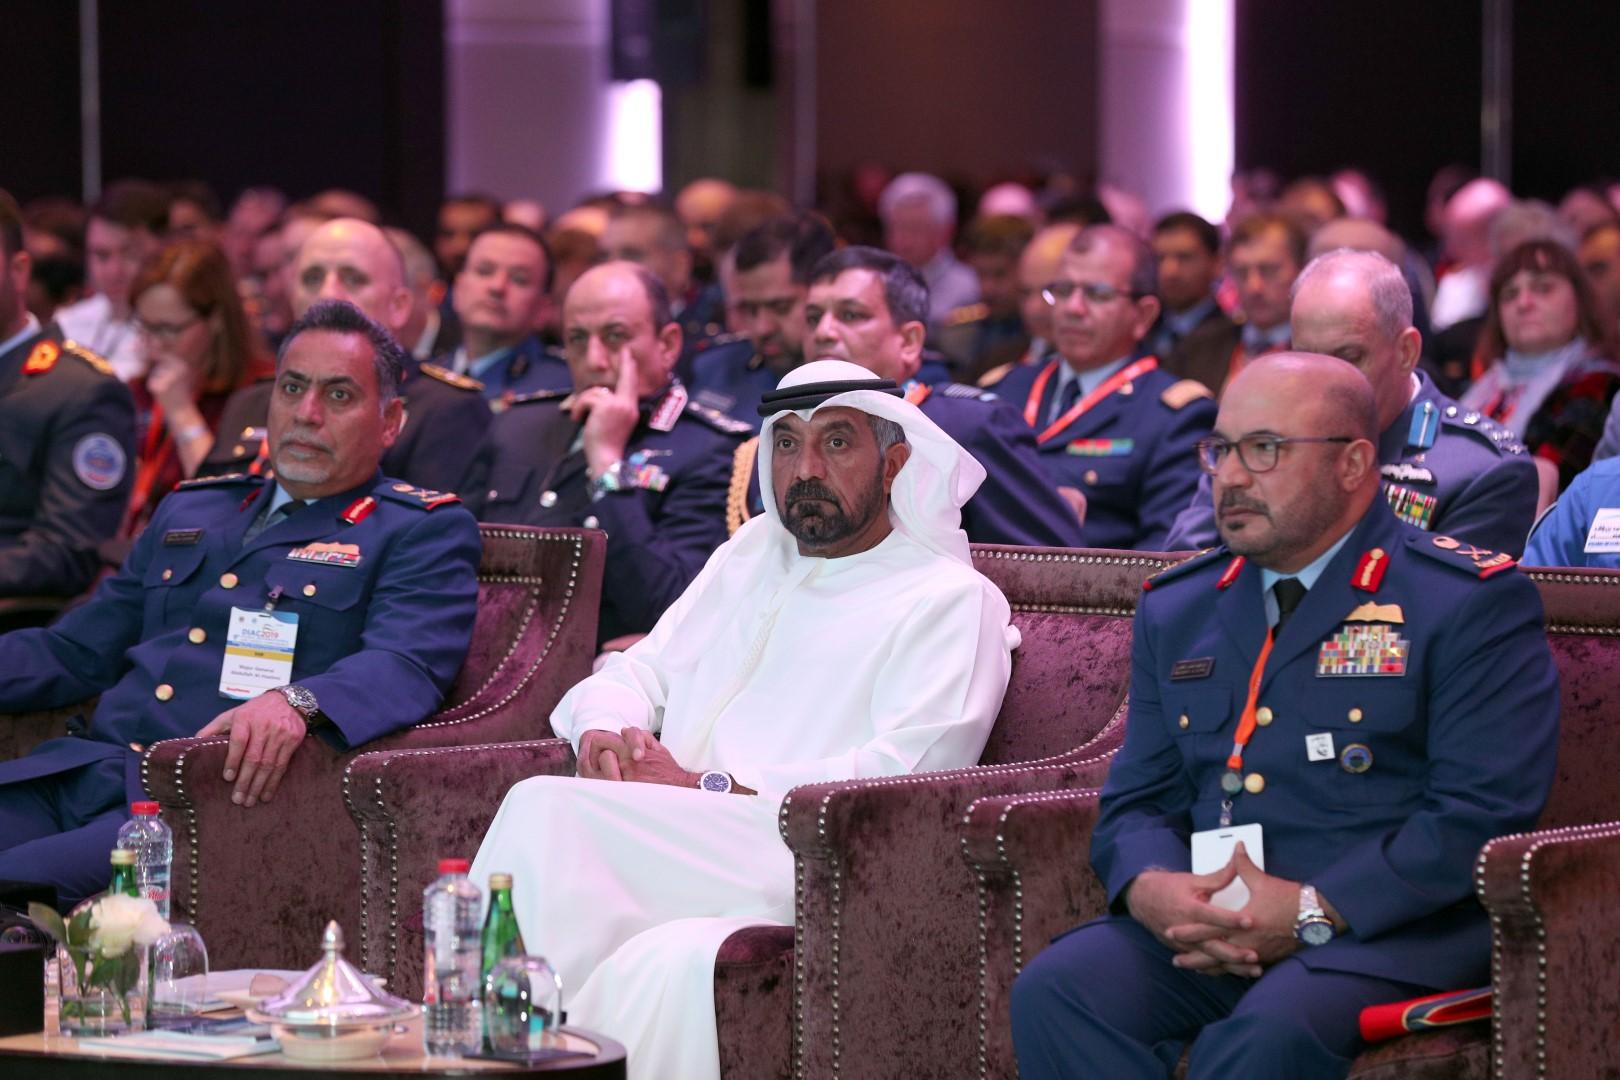 / إعادة /. انطلاق مؤتمر دبي الدولي لقادة القوات الجوية 2019 فى دبي